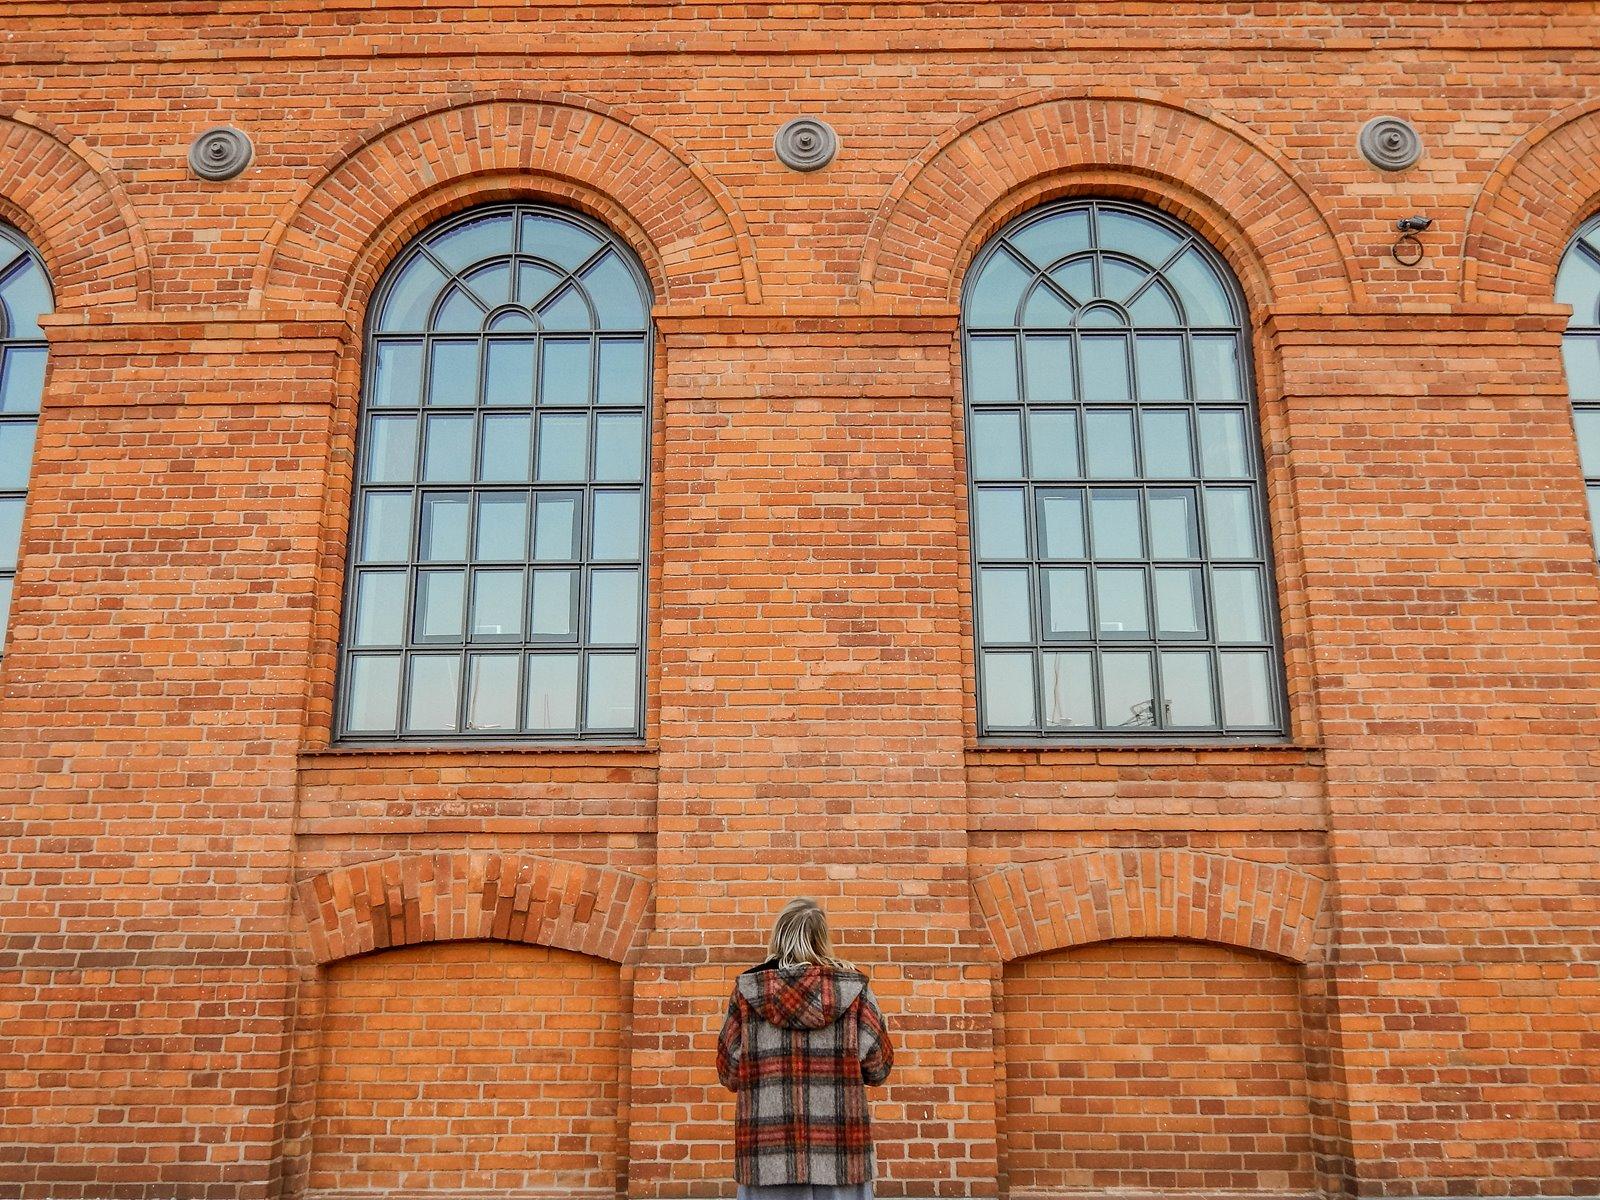 1 płaszcz - ubranie, moda polska, hot moda, moda damska jesień 2018, moda for you, net moda, blog, blogerki fashion łódź anataka kurtka w kratkę ciepła kurtka stylizacje w co się ubrać eleganckie kurtki blondynka